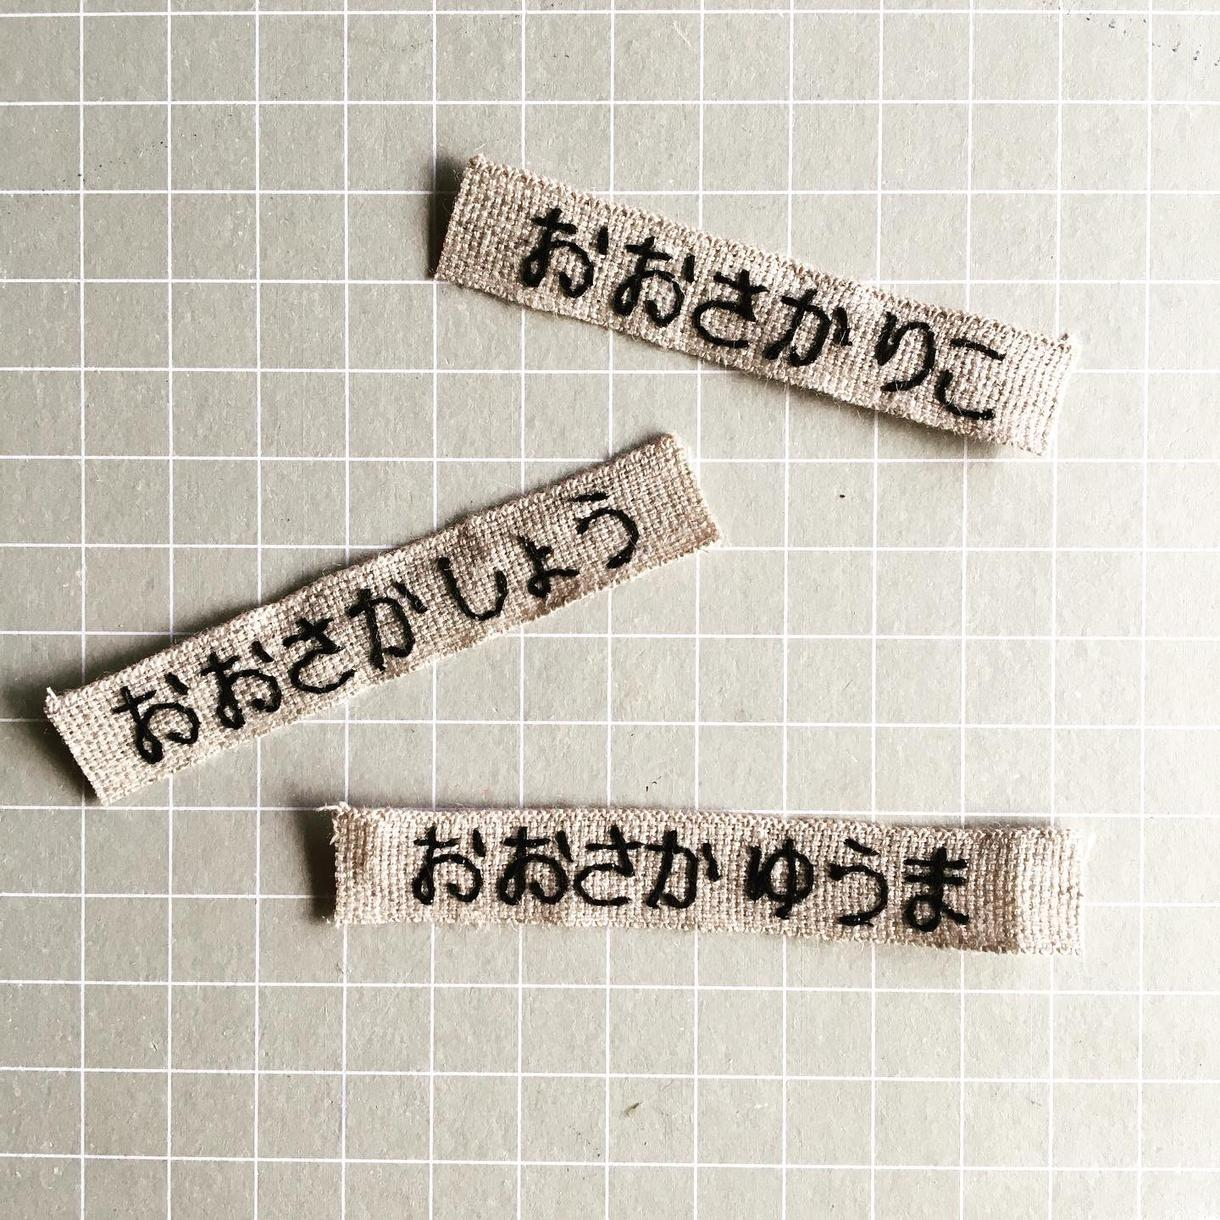 お子様のお名前刺繍します 入学準備の手提げかばんや巾着類に付けるお名前を刺繍します。 イメージ1